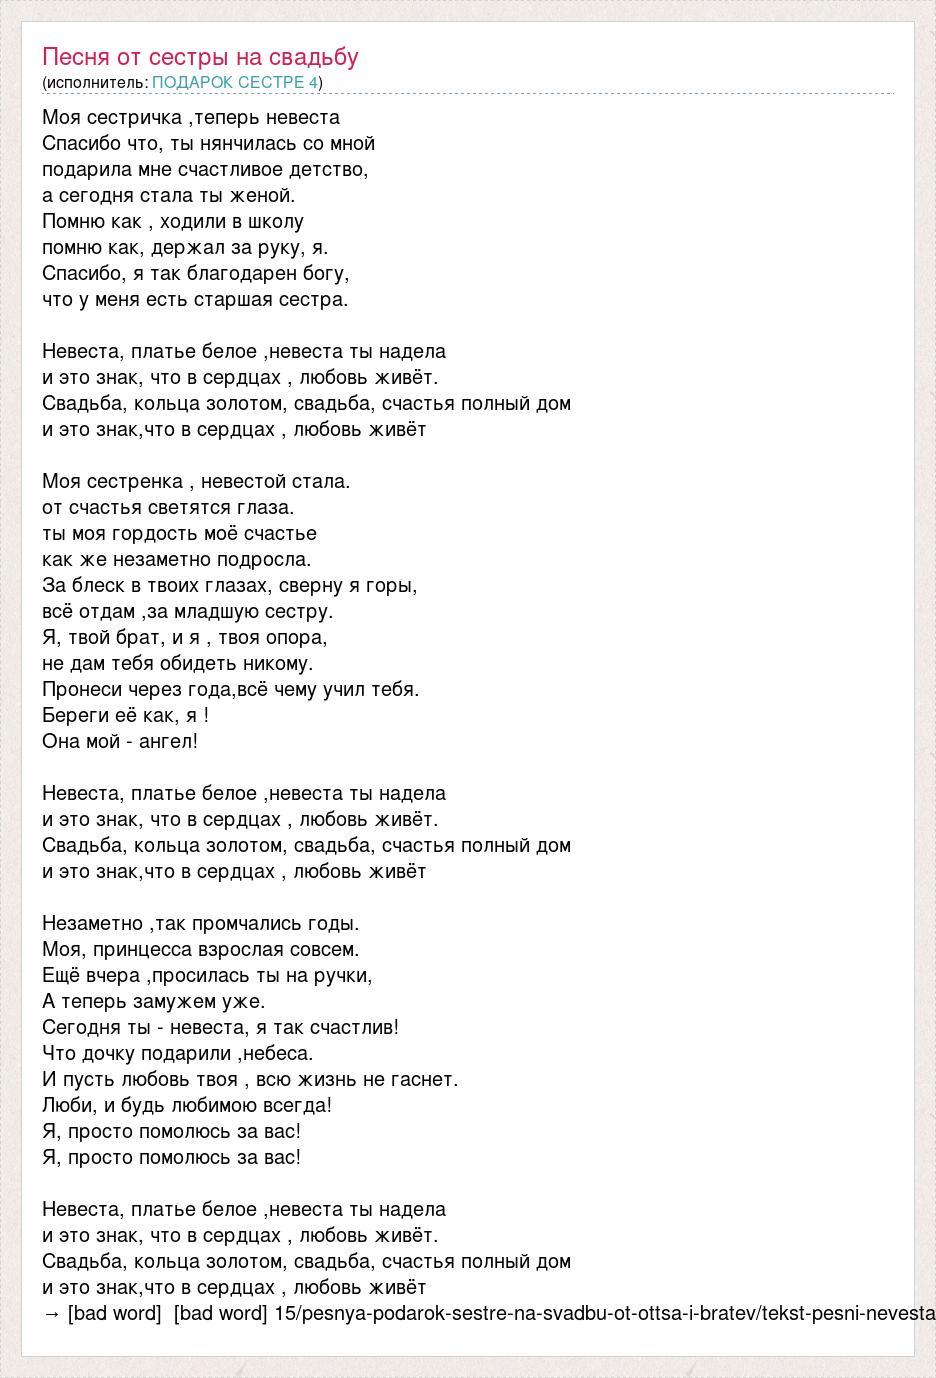 Тексты песен о сестре поздравление с днем свадьбы